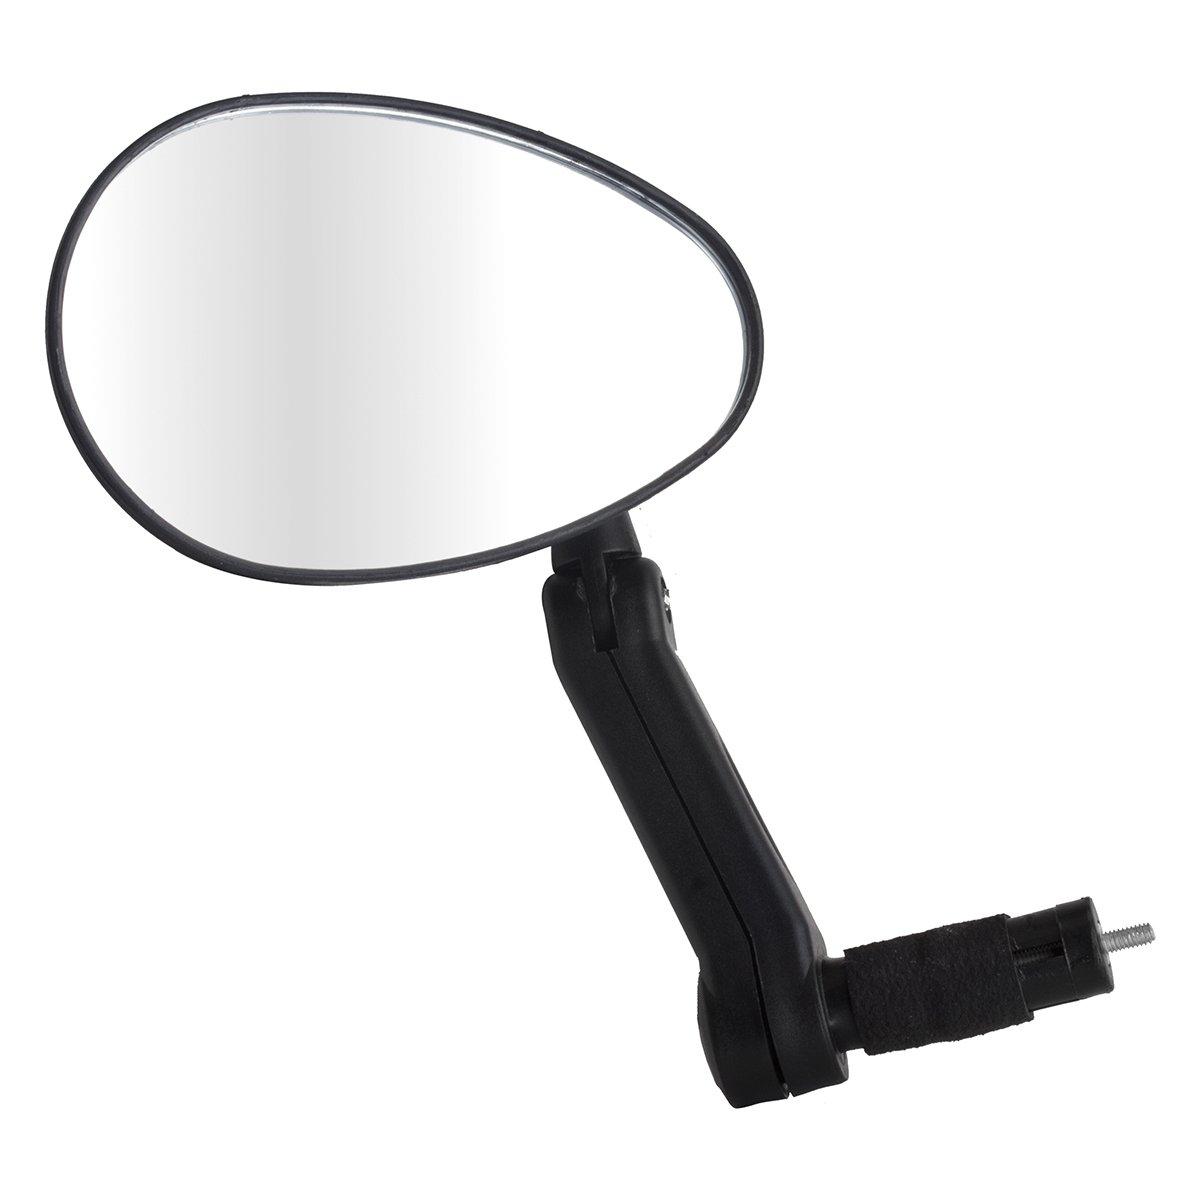 Sunlite Flex-Pro Mirror by Sunlite